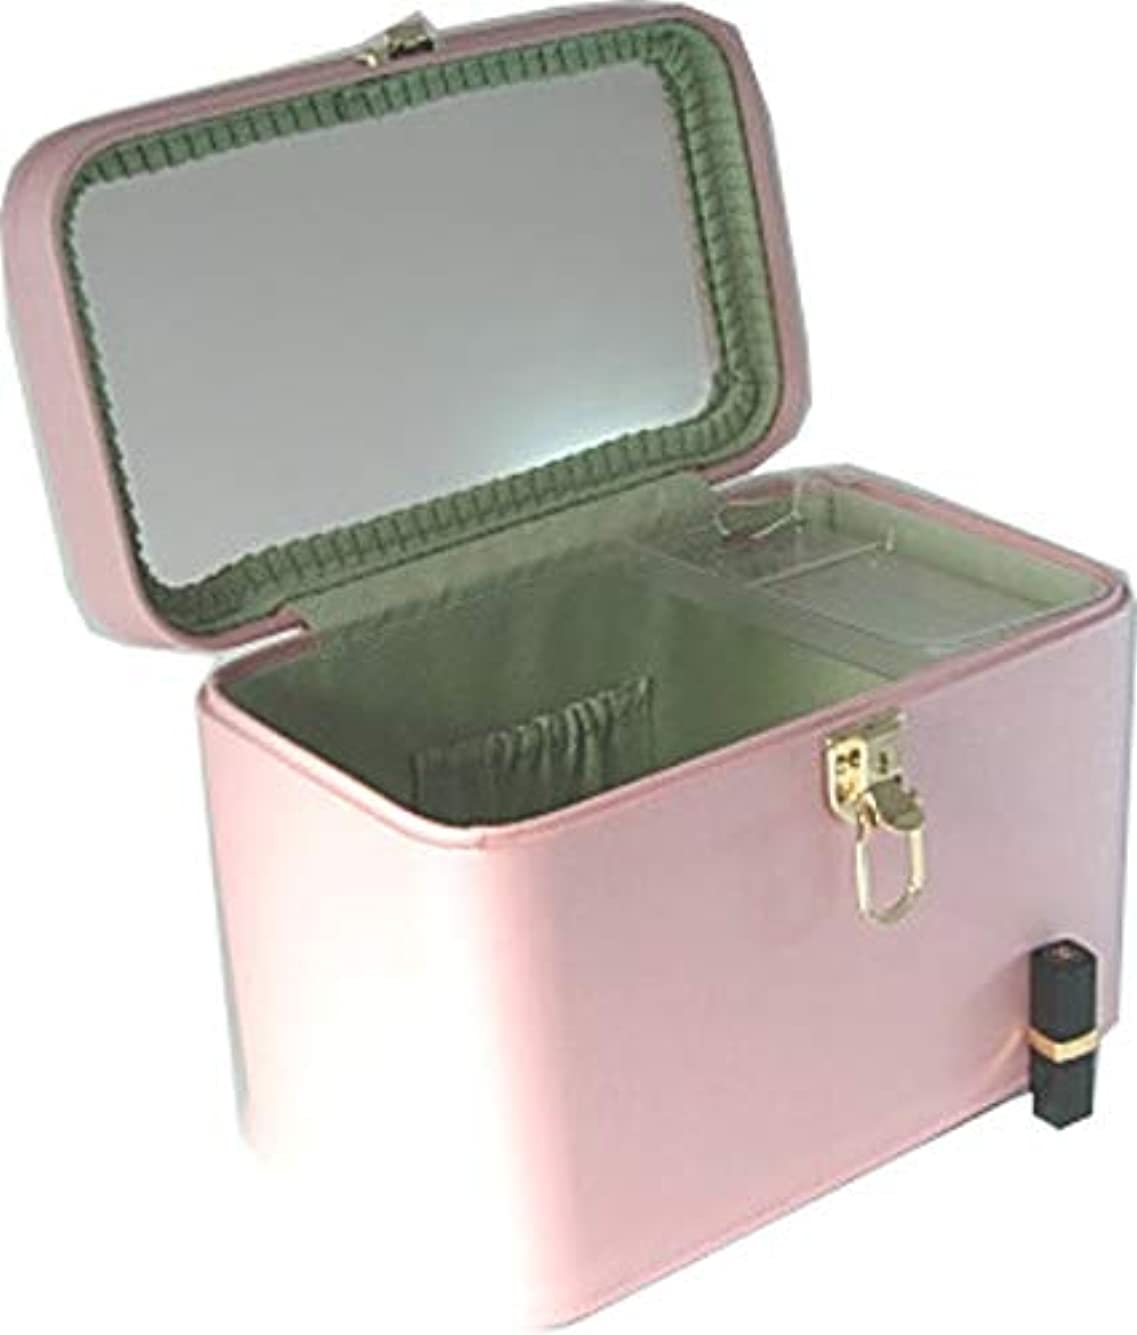 カスケード観客リードトリプルG2 33cmヨコ パールピンク 日本製 メイクボックス,コスメボックス,メイクアップボックス,トレンチケース,お化粧入れ,化粧雑貨,メーキャップボックス,化粧箱,かわいい,メイク道具箱,メイク雑貨,化粧ボックス